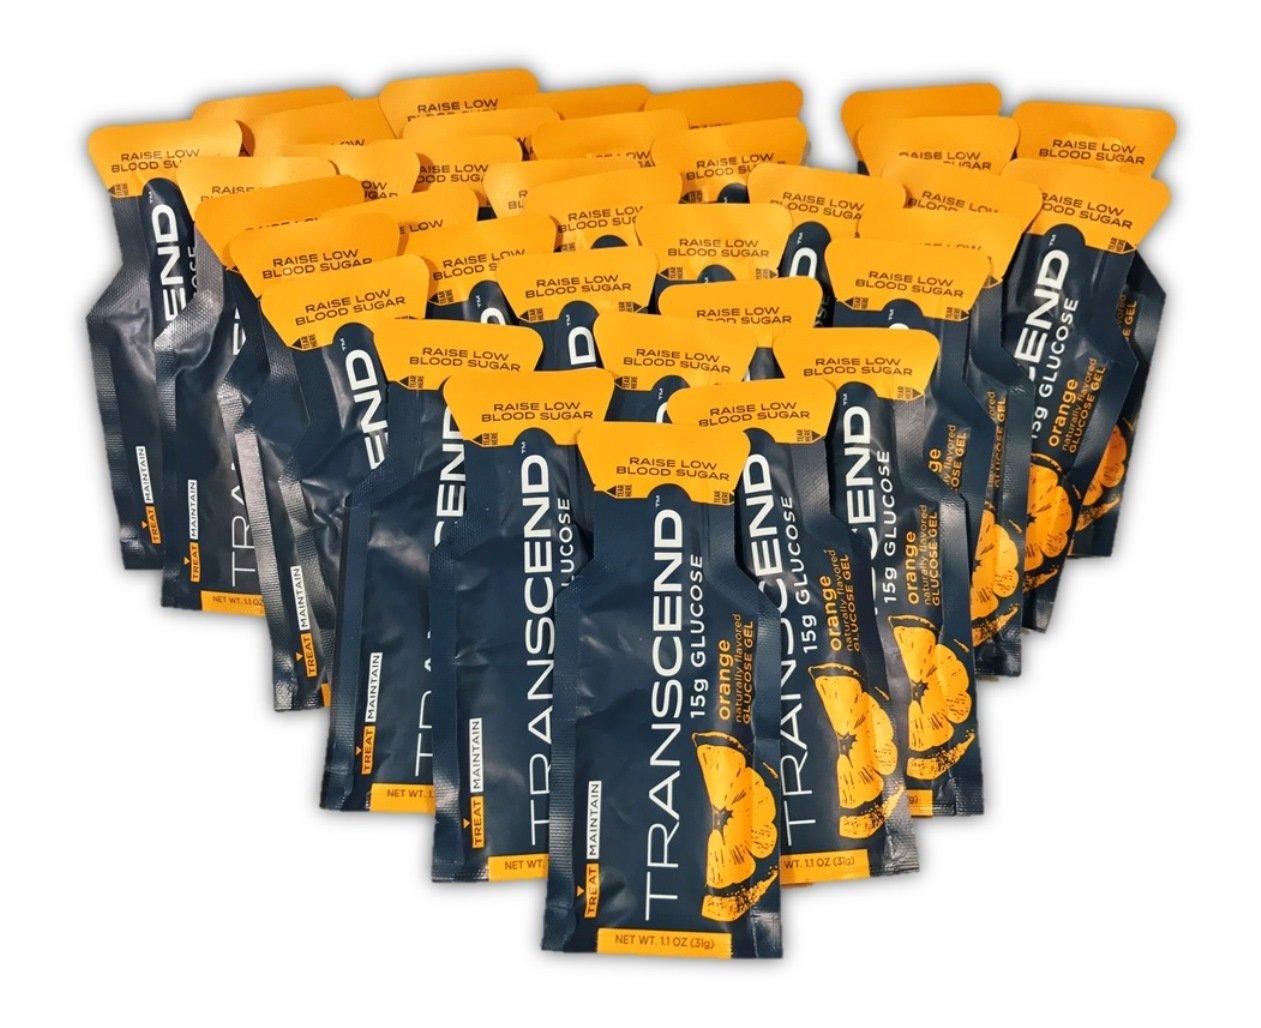 TRANSCEND Orange-Flavored Glucose Gels - 15gram packets (36)